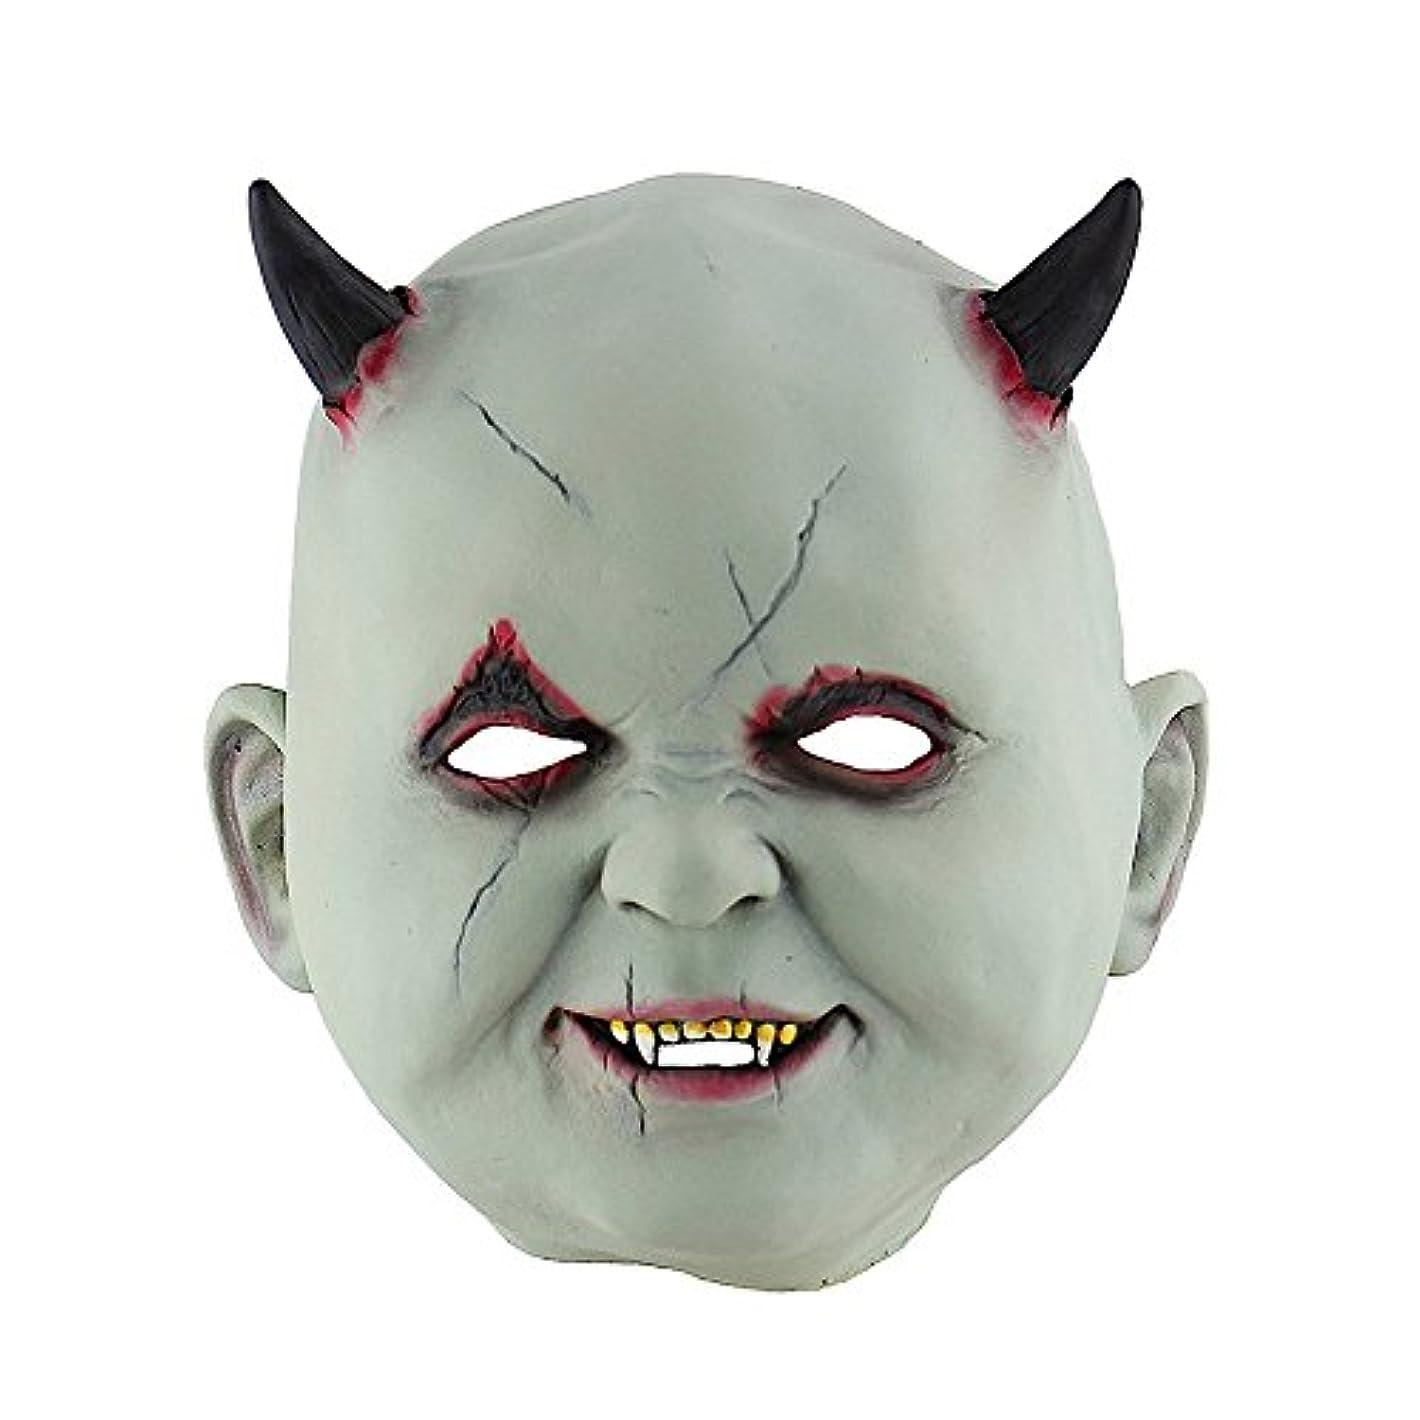 キノコ困ったコーナーハロウィンマスクホラーゾンビお化け屋敷は小道具のヘッドギア悪魔ヴァンパイアマスクをドレスアップ